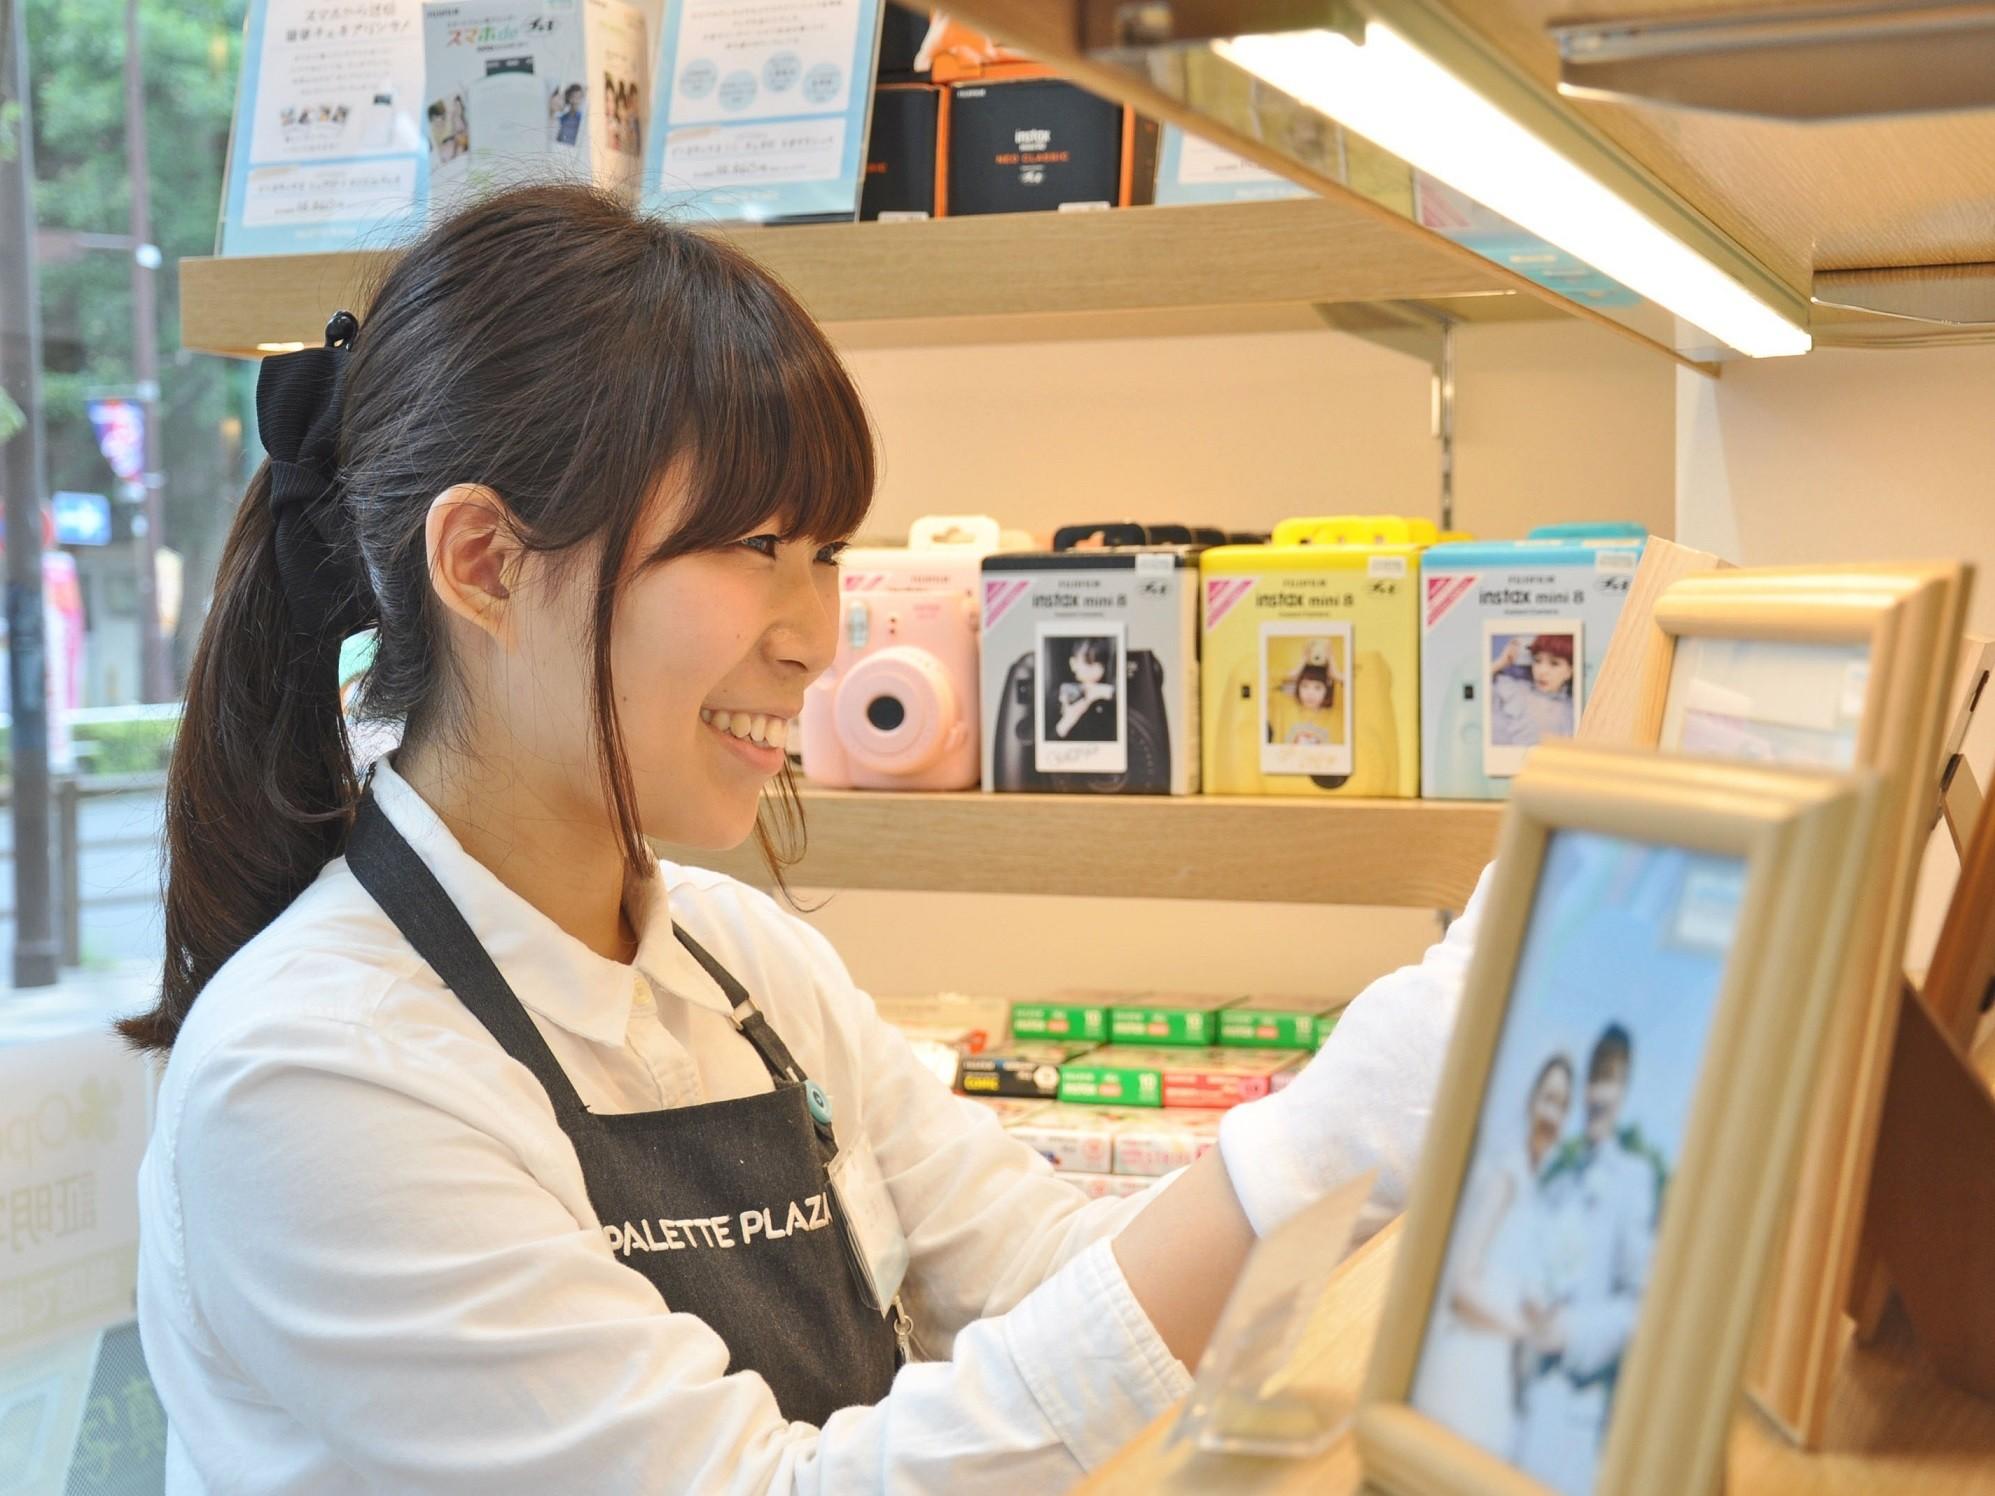 パレットプラザ 川崎アゼリア店 のアルバイト情報